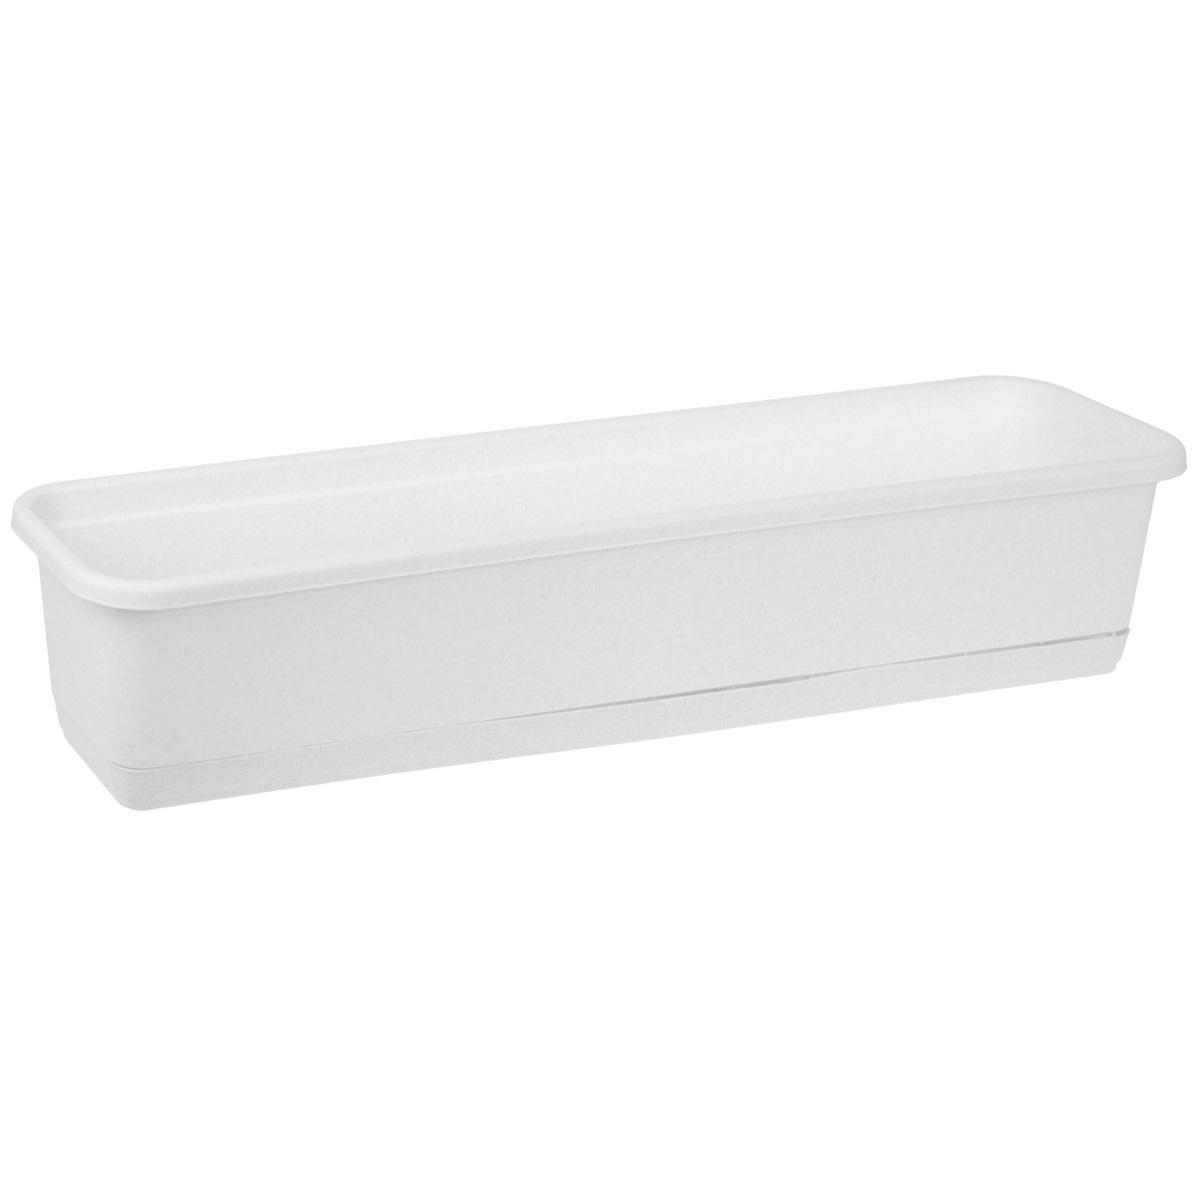 Балконный ящик Idea, цвет: мраморный, 80 см х 18 смМ 3222Балконный ящик Idea изготовлен из прочного полипропилена (пластика). Снабжен поддоном для стока воды. Изделие прекрасно подходит для выращивания рассады, растений и цветов в домашних условиях.